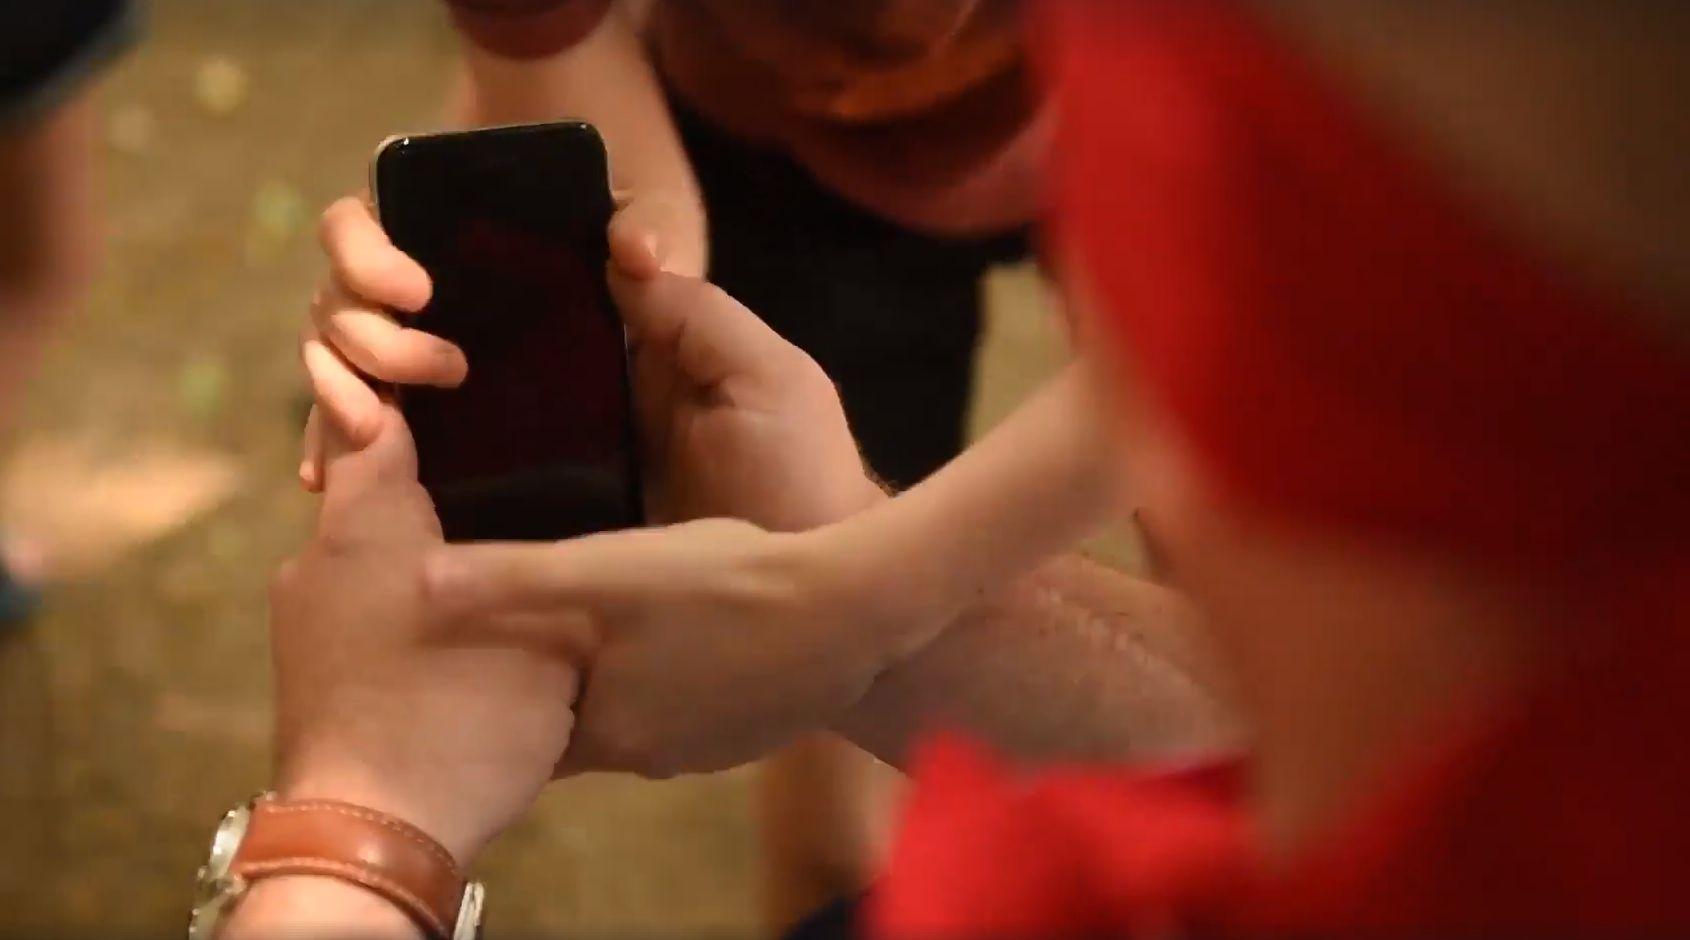 Garázda gézengúzok lopták el Vakáció Kapitány mobiltelefonját